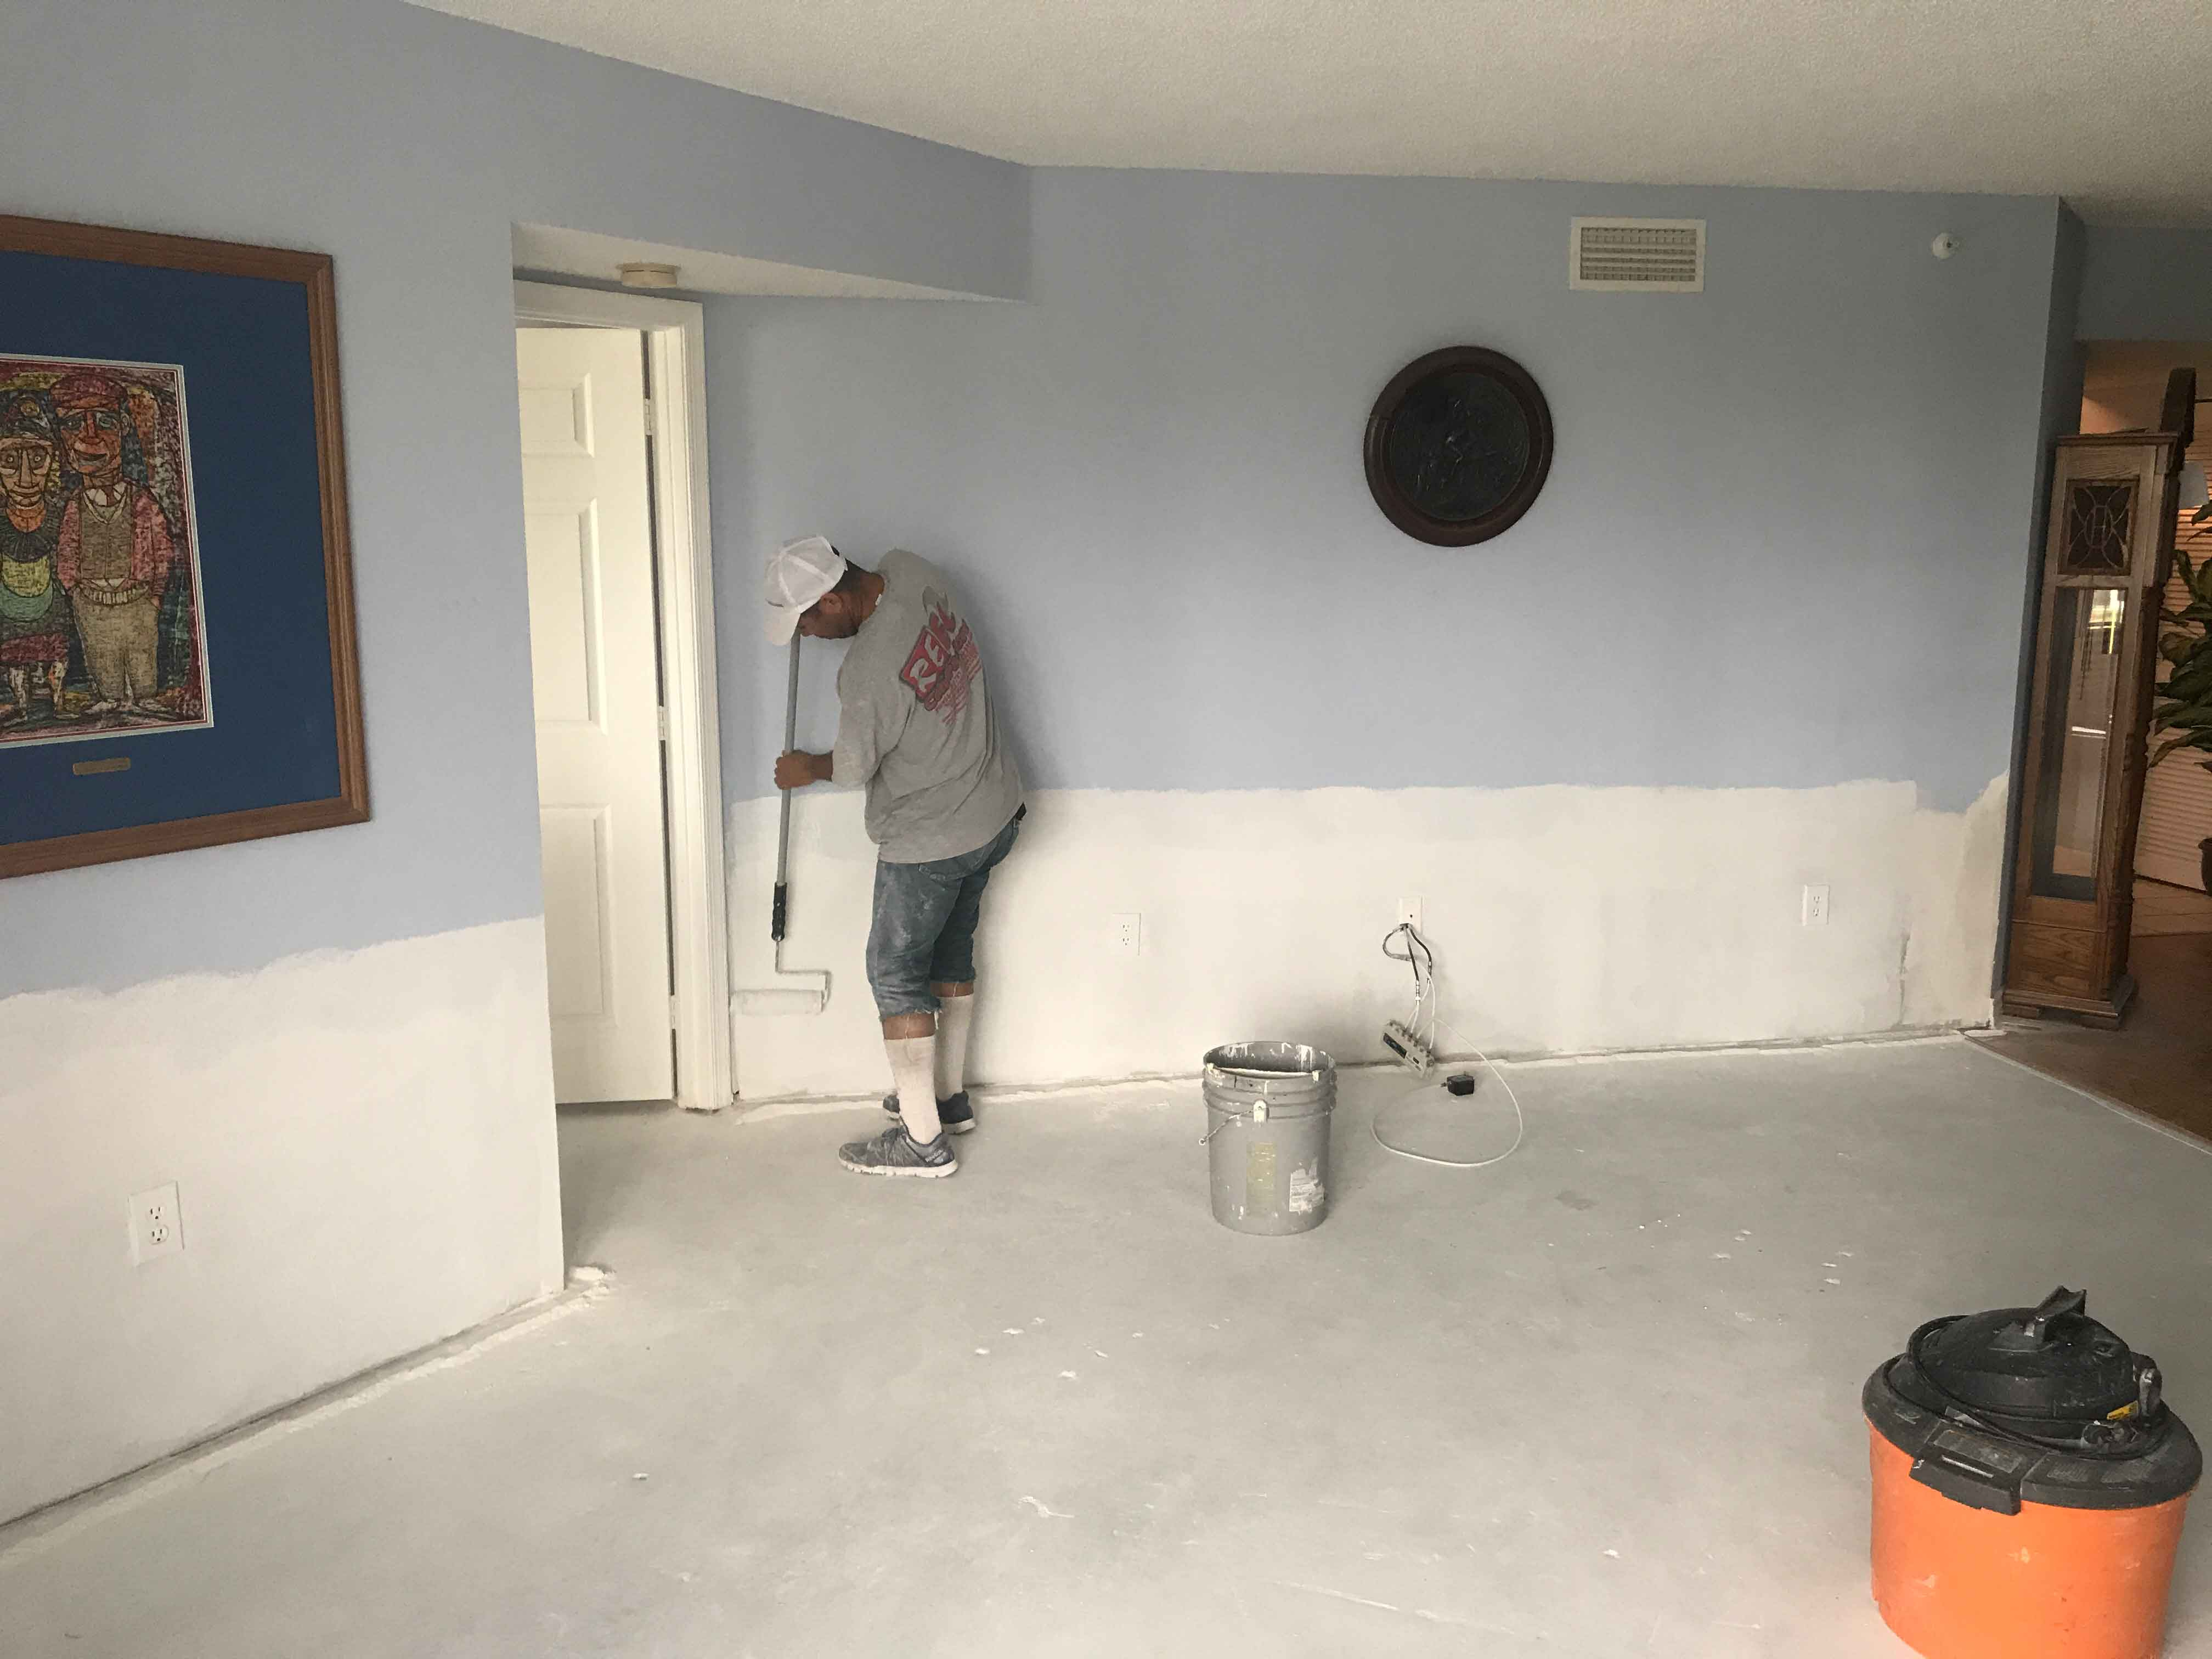 Reel-Contractors-Wall-Painting-Job-Reconstruction-Experts-Pembroke-Pines-Fl-Company